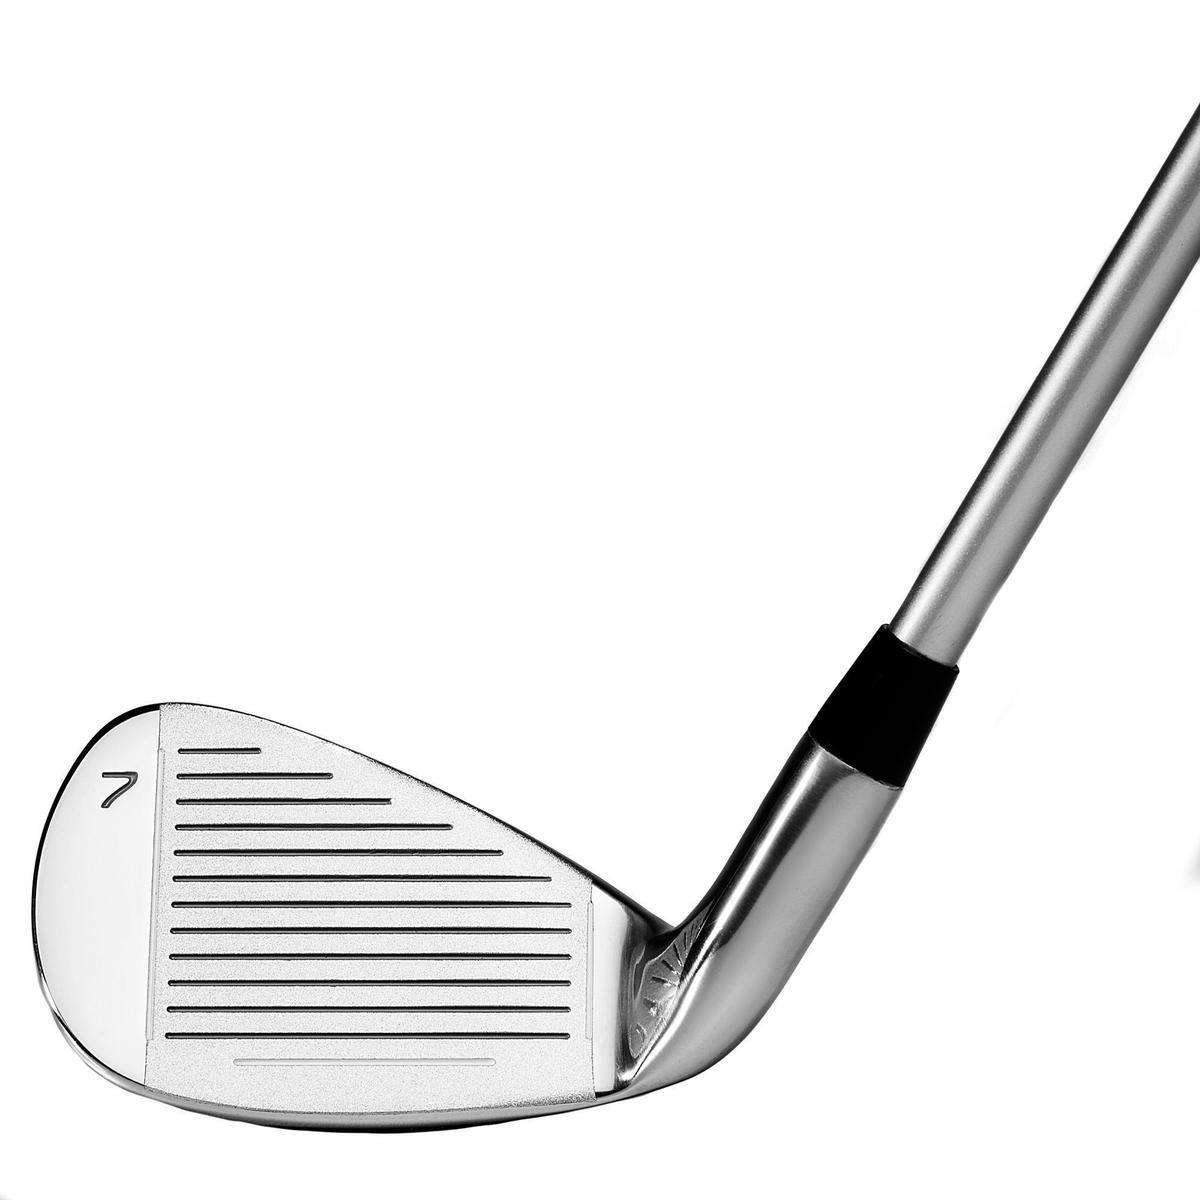 Bild 3 von Golf Eisen 500 Nr. 7 RH Kinder 11-13 Jahre